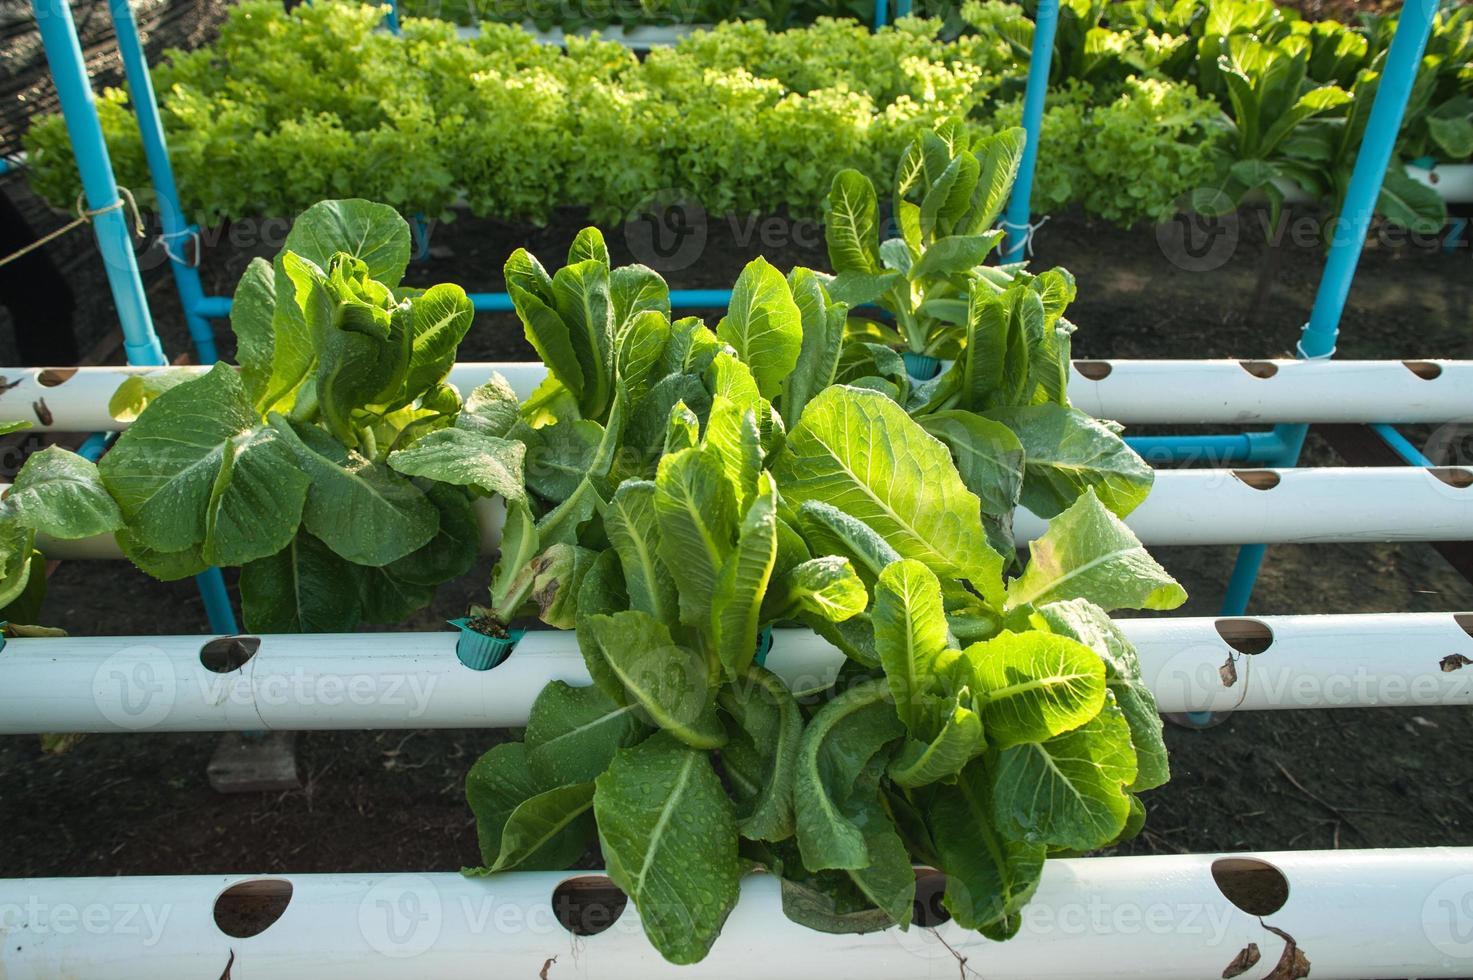 verde organico, coltivazione idroponica vegetale in fattoria foto